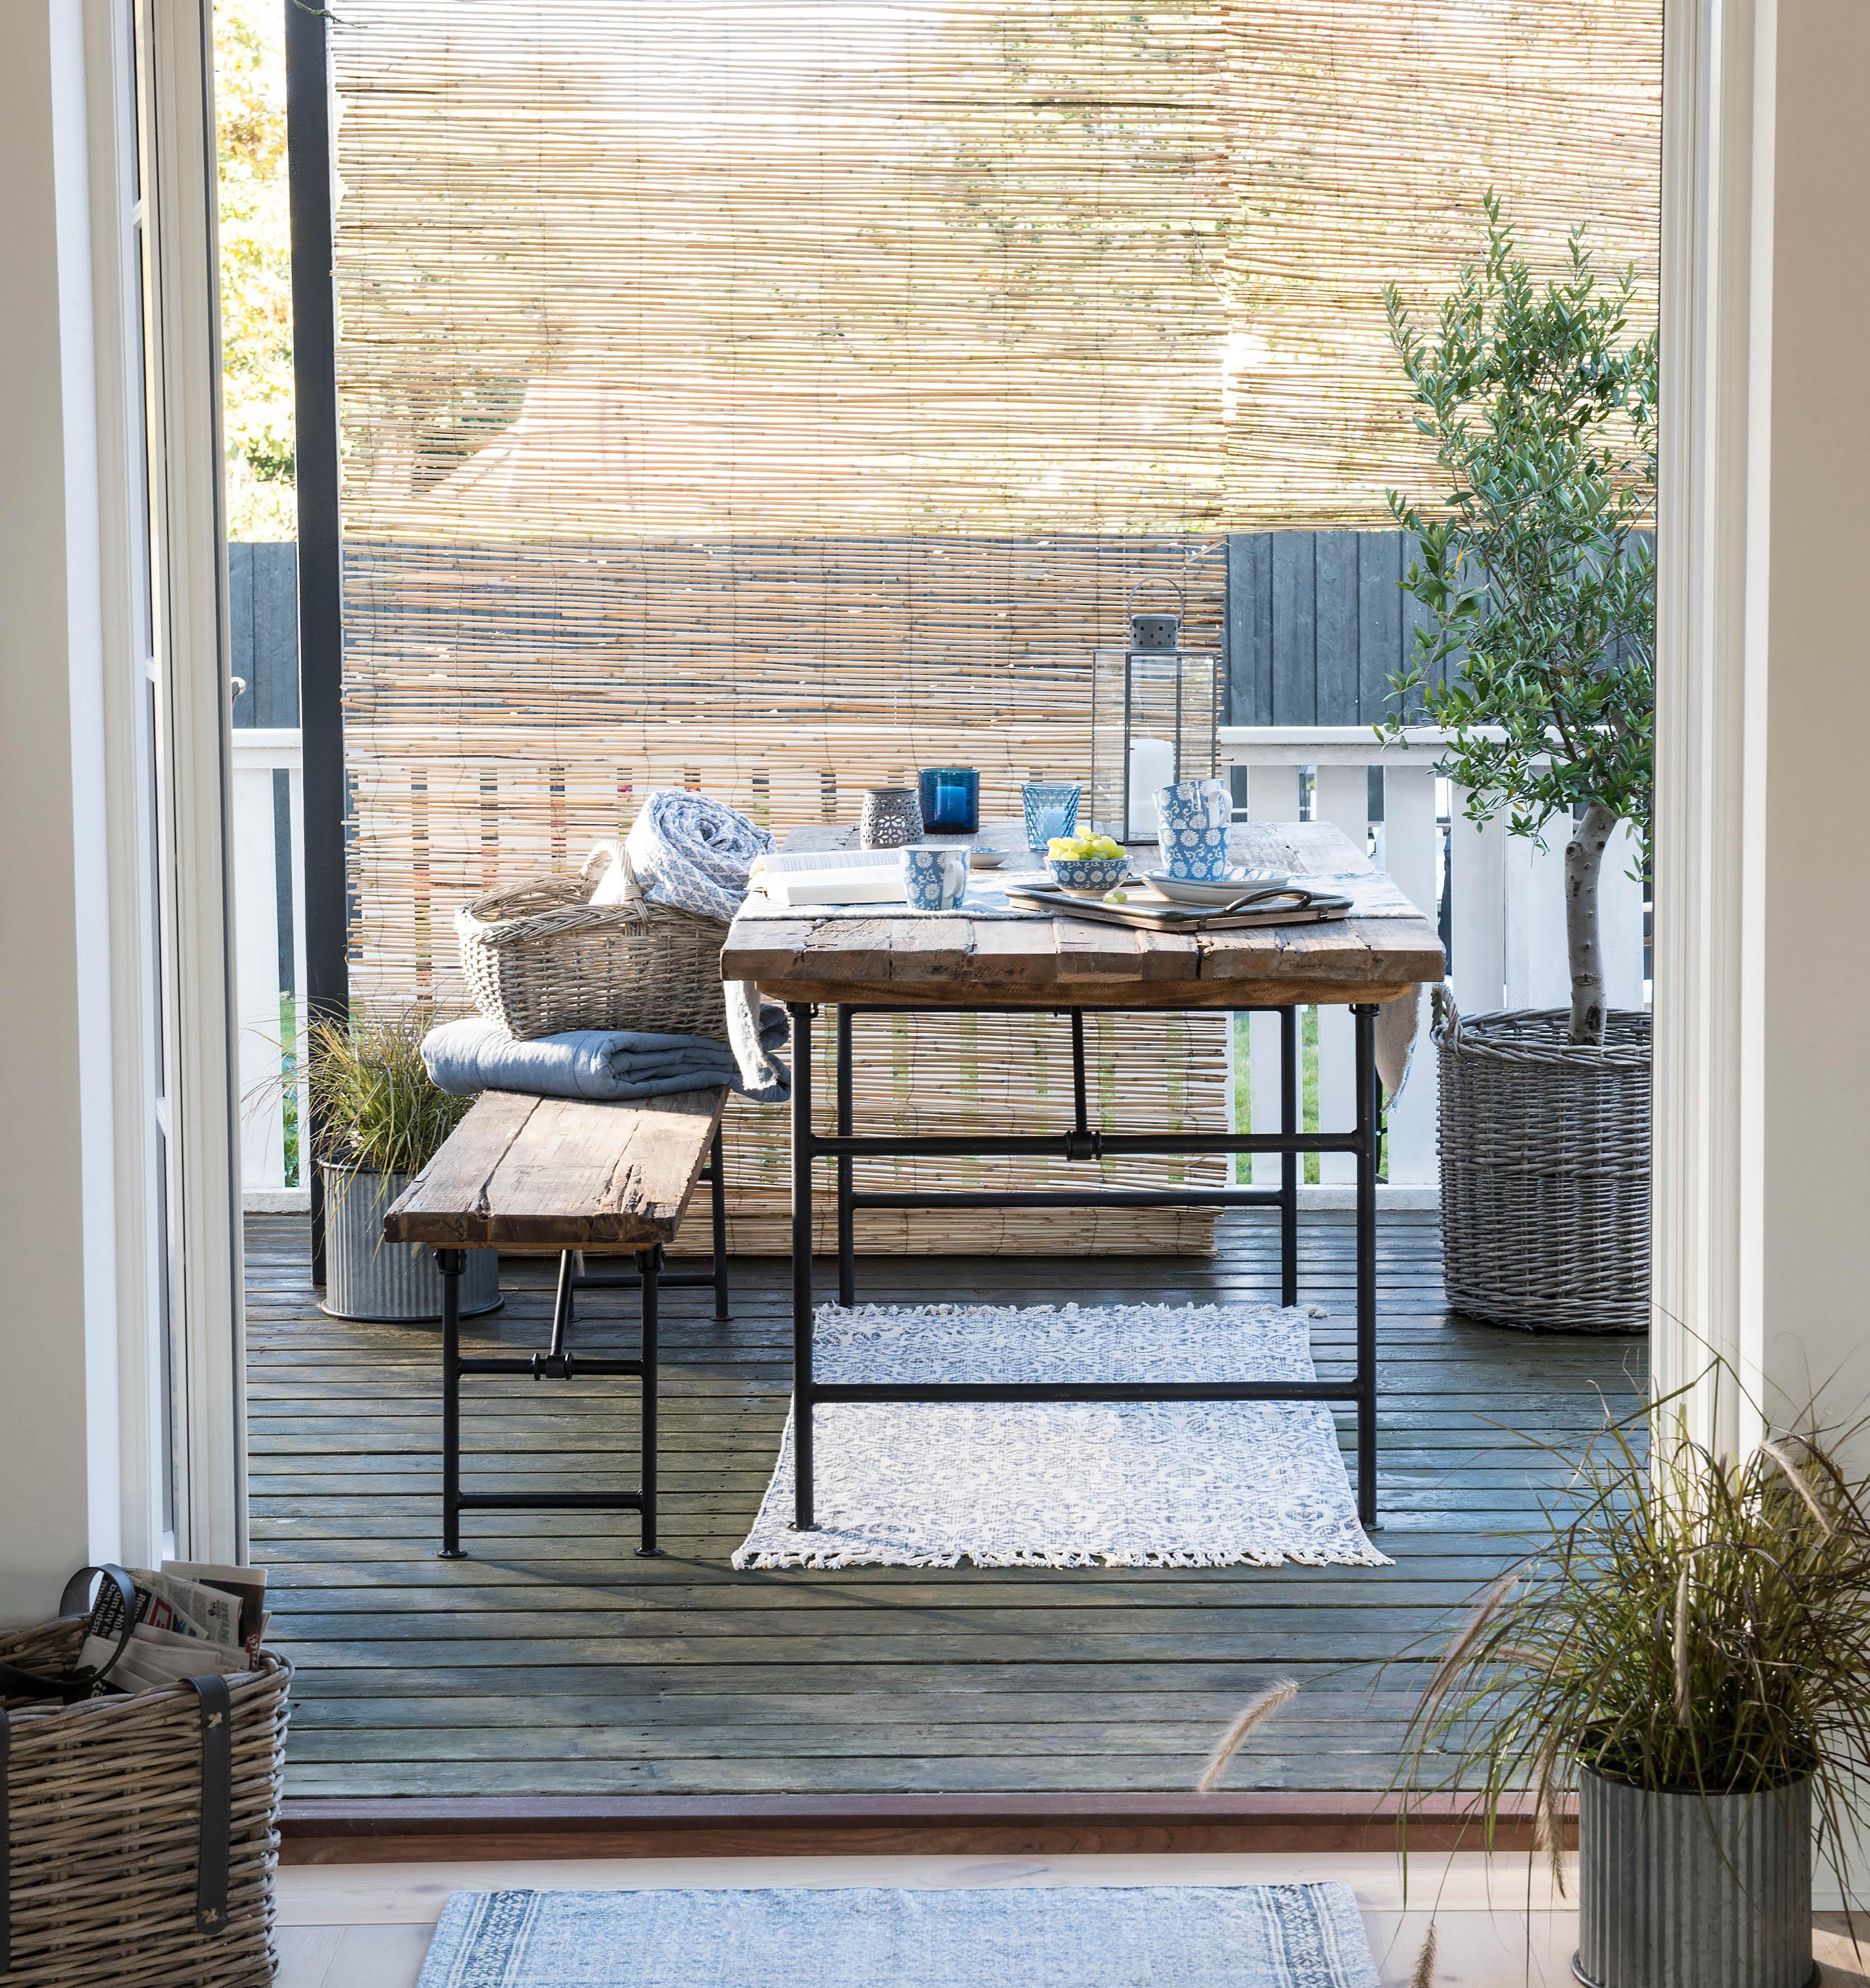 Blau-Weiß in Kombination mit Holz und Korb überzeugt durch seinen natürlichen Charm -typisch hoher Norden.